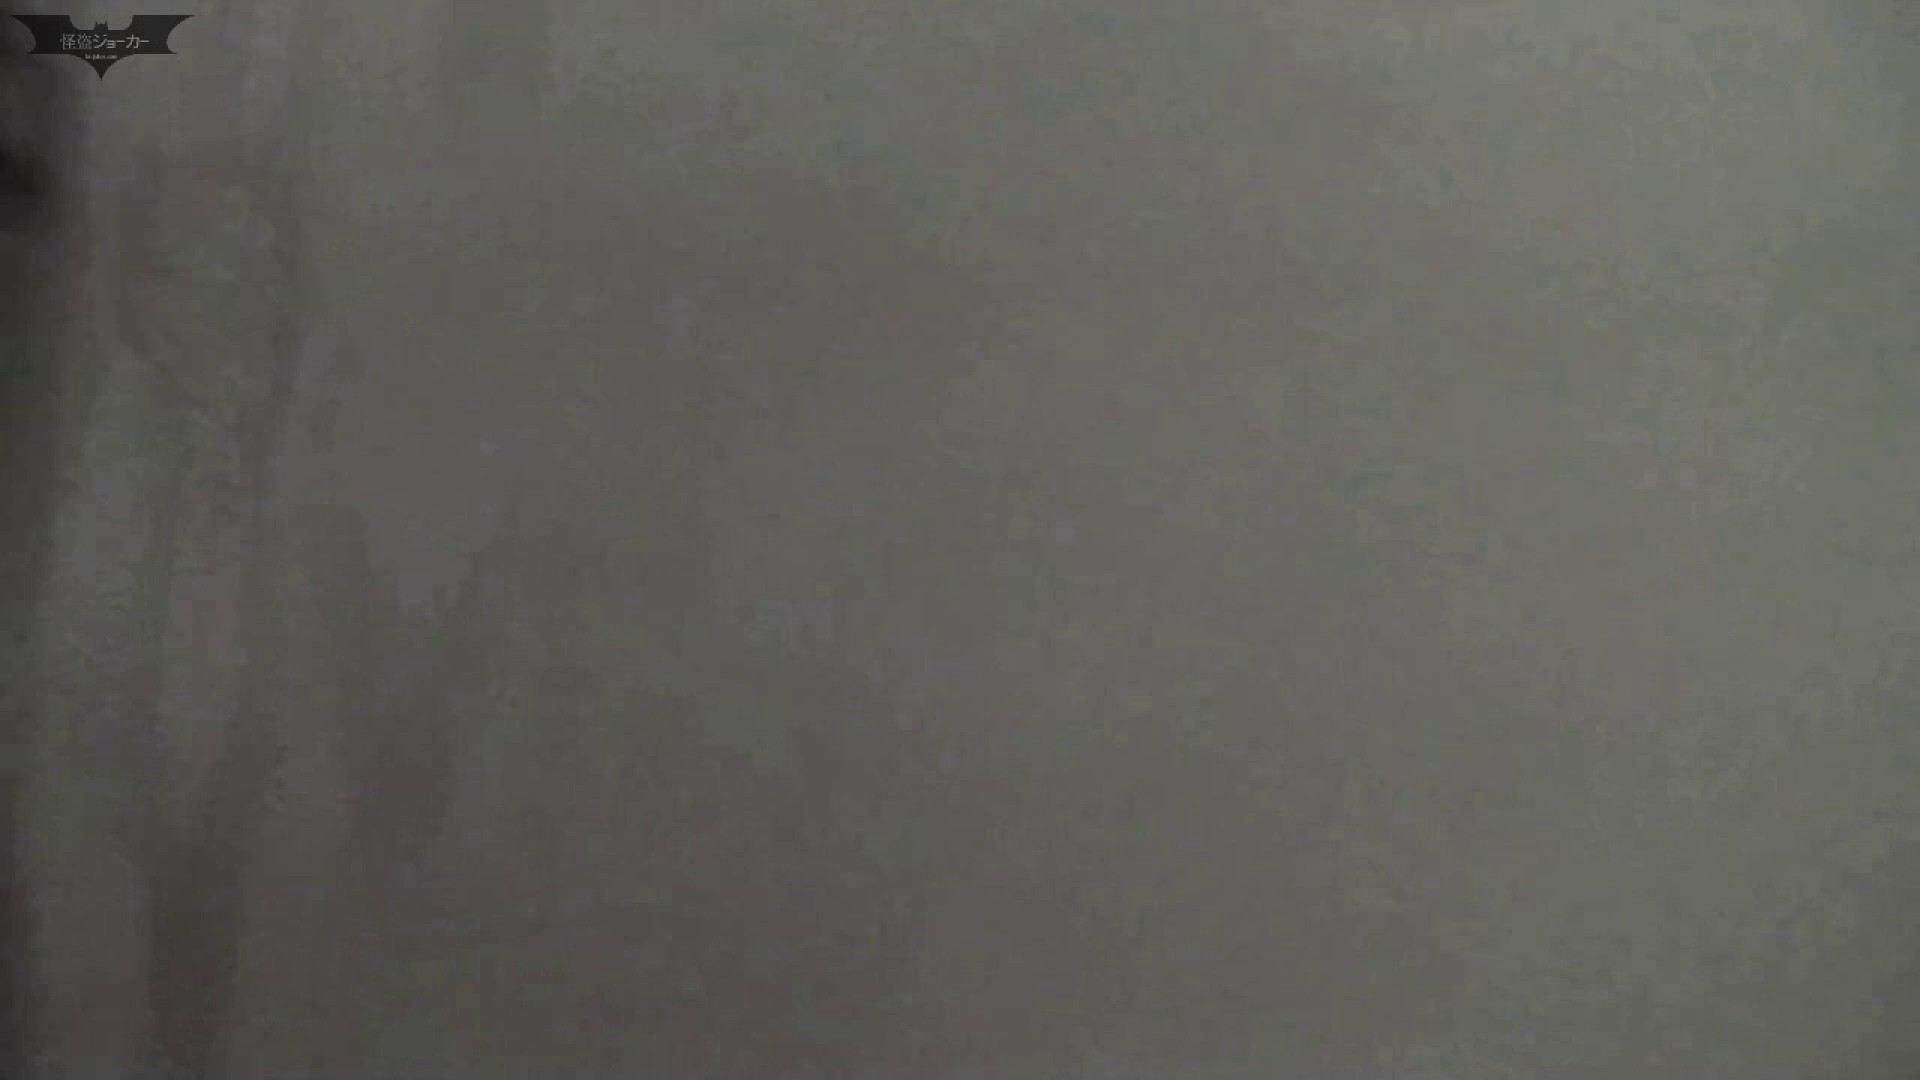 【期間・個数限定配信】 マンコ丸見え!第三体育館潜入撮File001 期間限定   マンコ特集  77連発 17